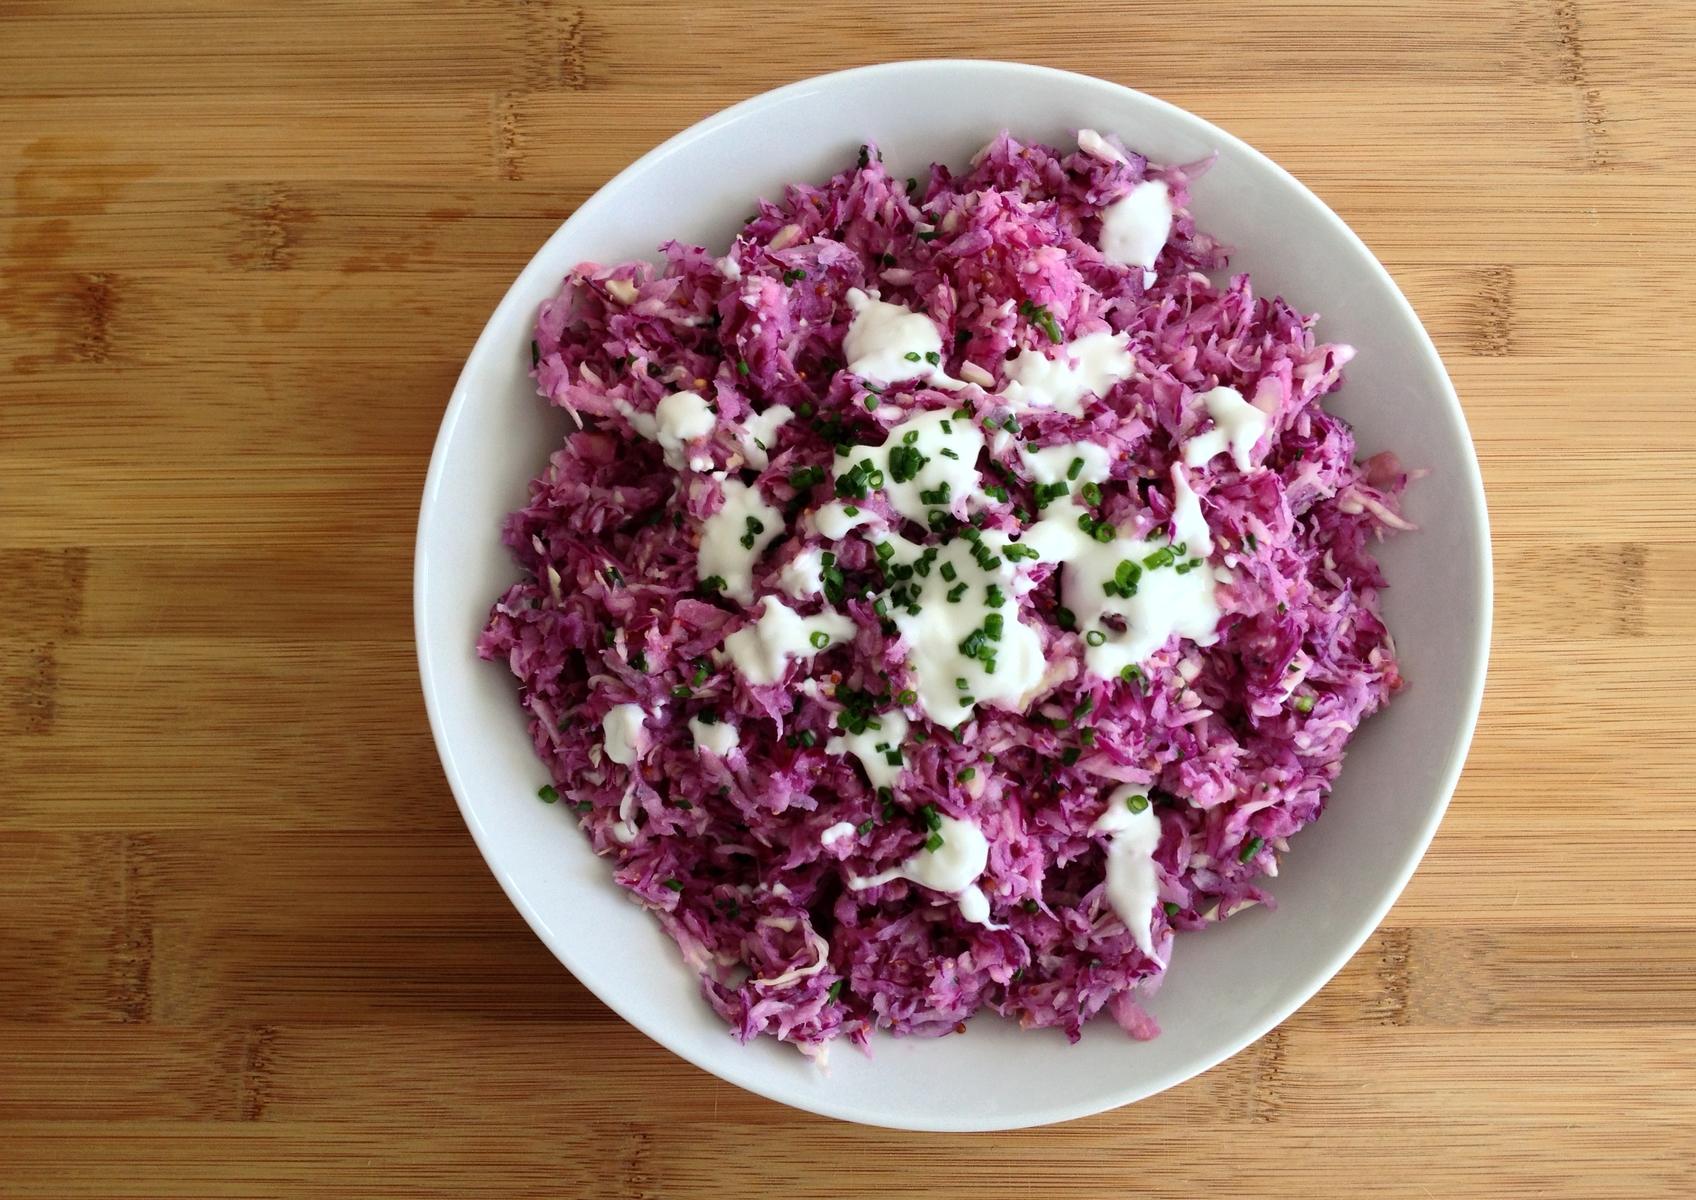 salade-de-choux-pommes-erable-3